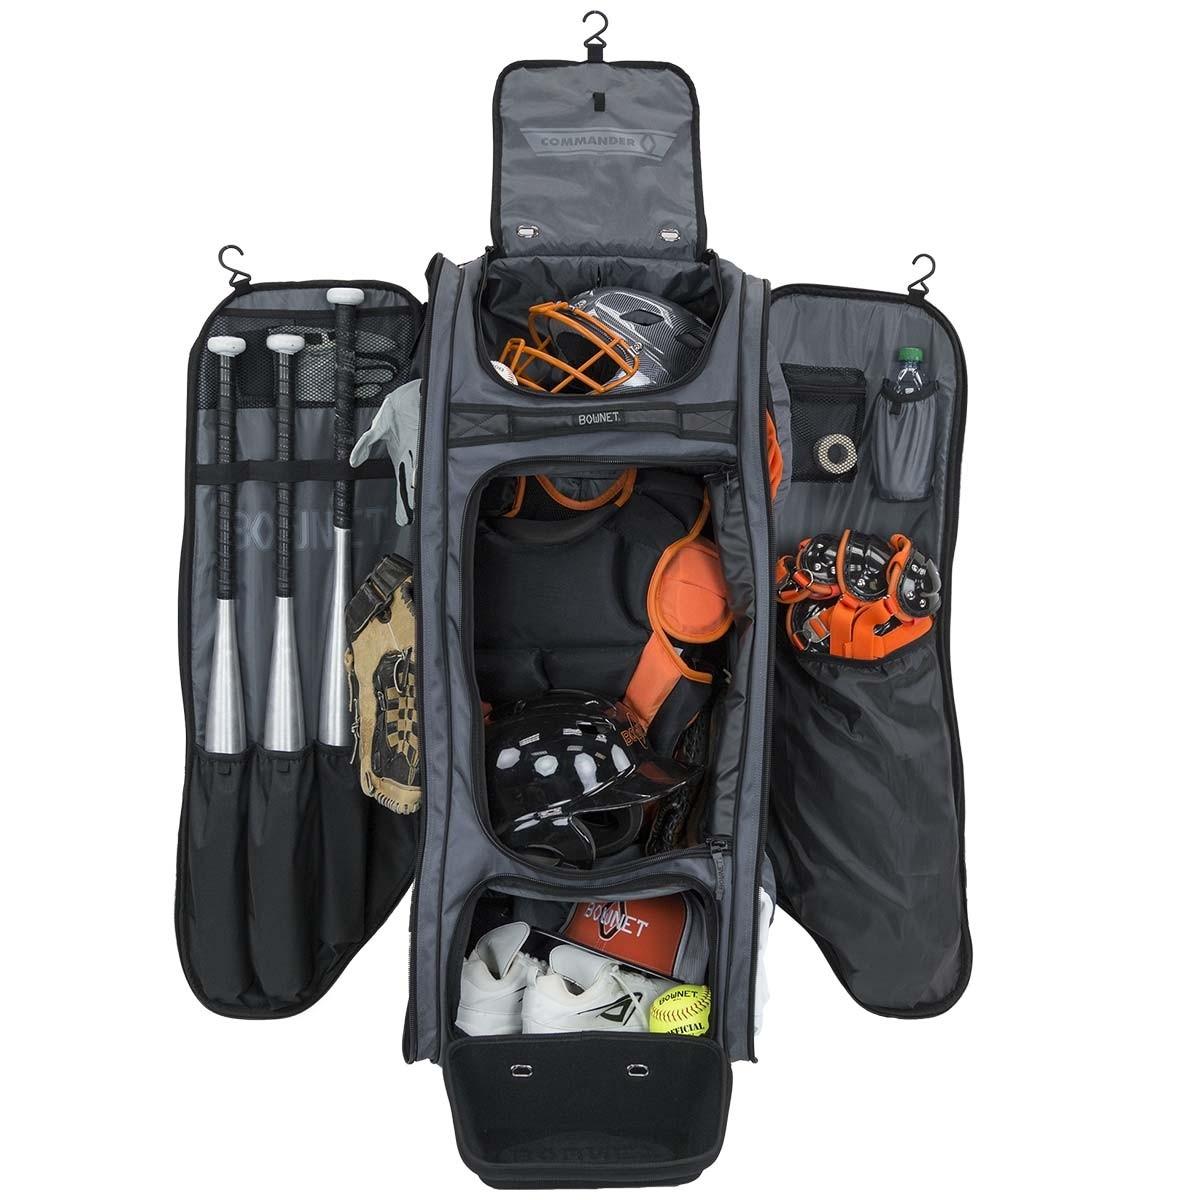 Bownet Commander Wheeled Catcher S Equipment Bag 38 Quot X17 Quot X12 Quot